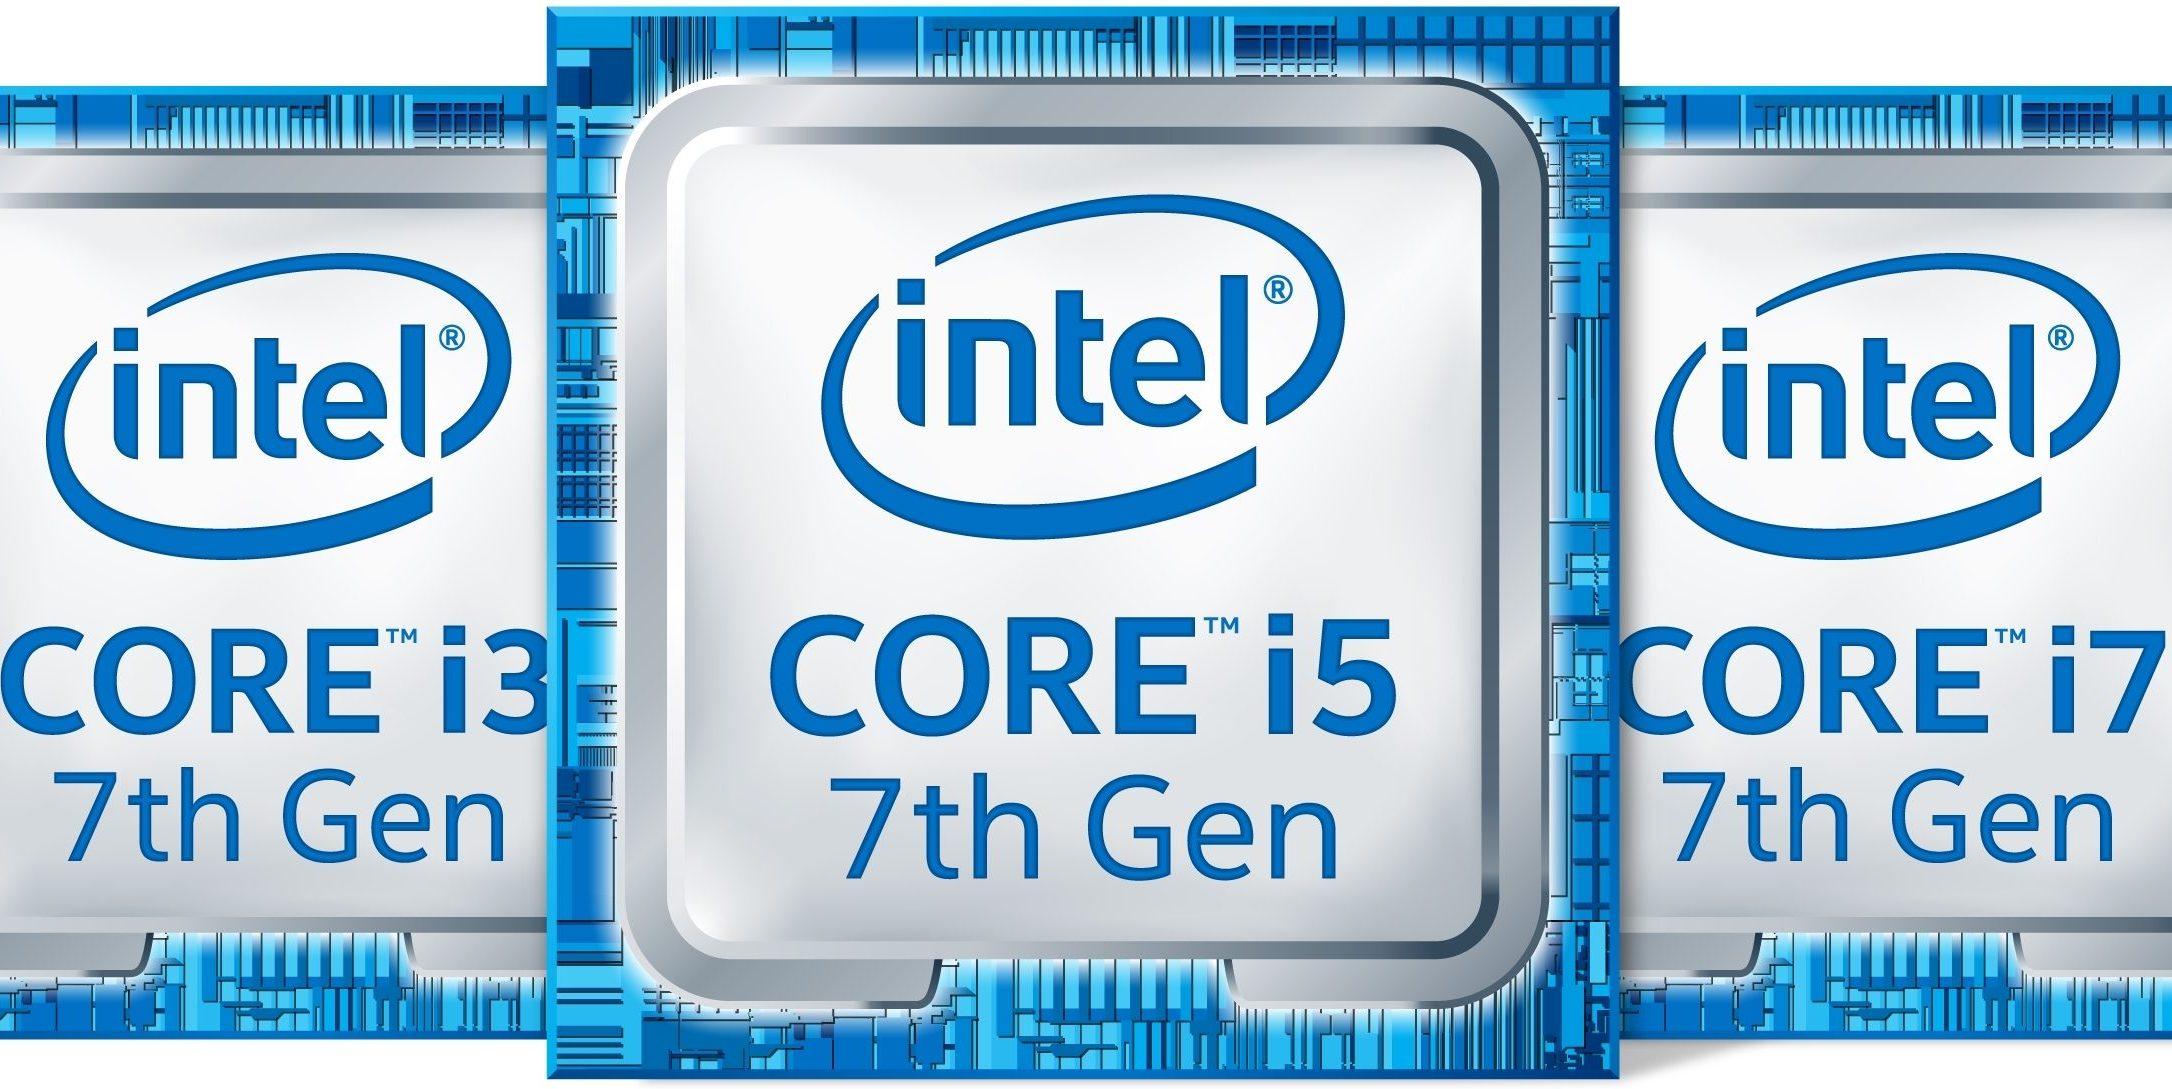 Intel annuncia la disponibilità dei nuovi processori Kaby Lake